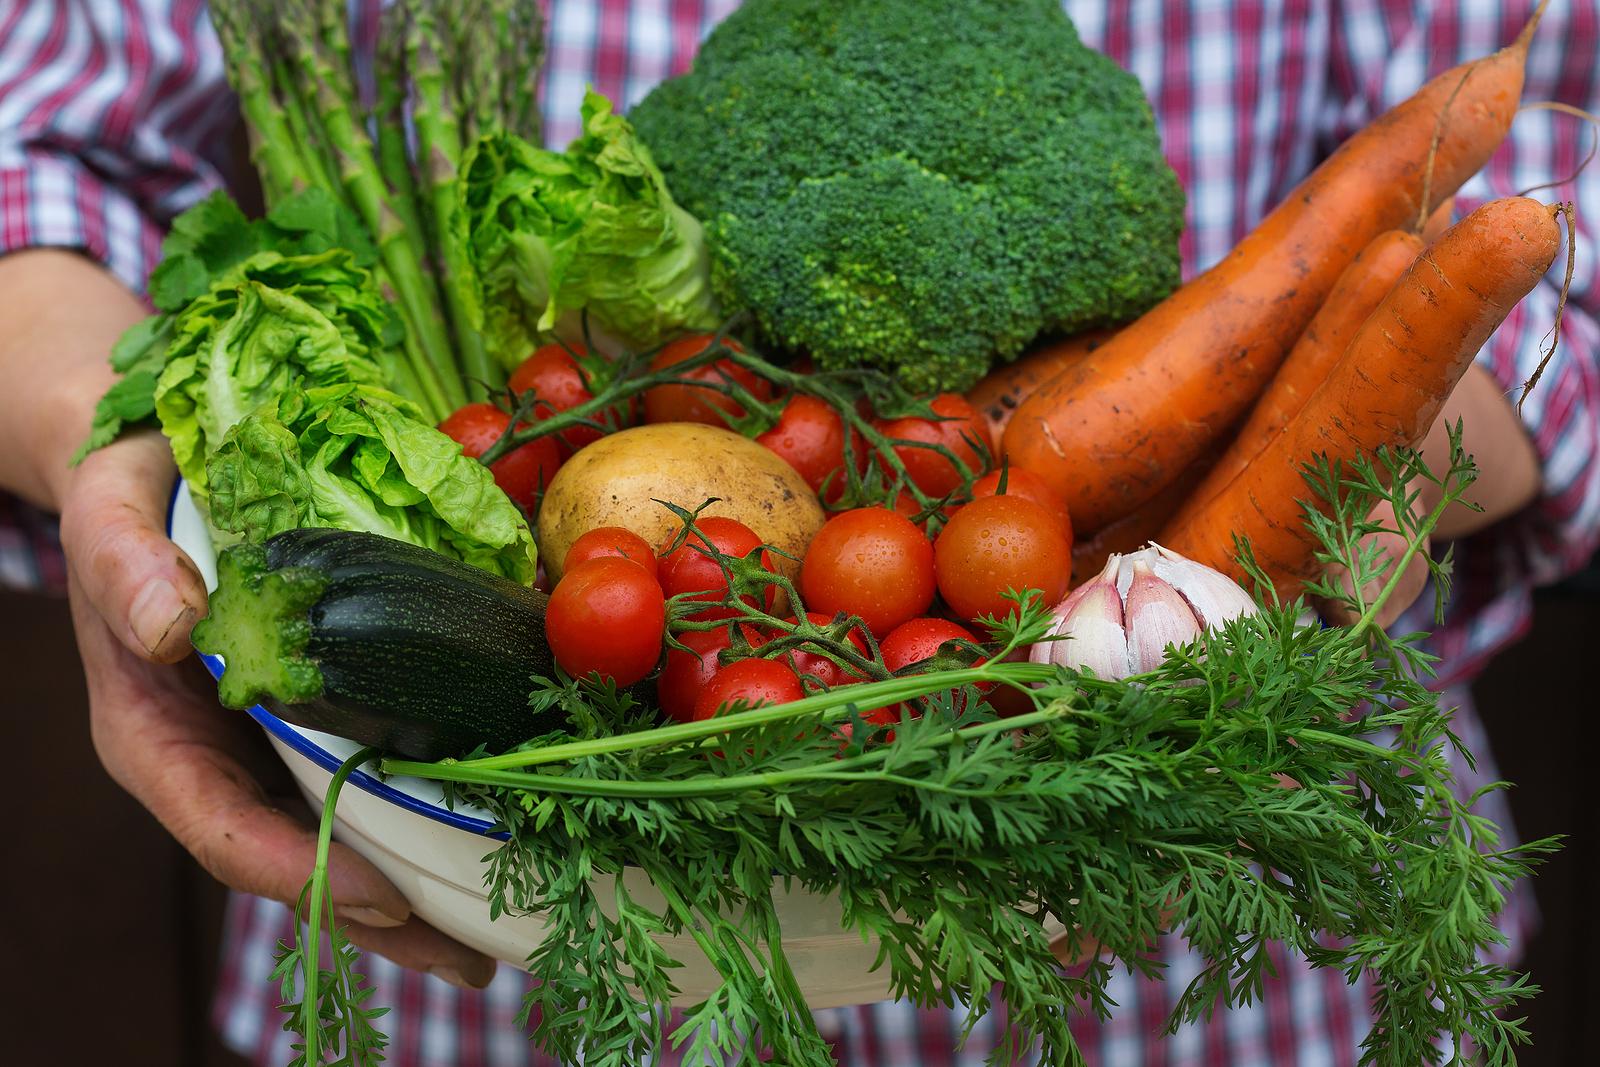 Assim como as frutas, legumes e verduras são fontes de fibras, água, vitaminas e minerais